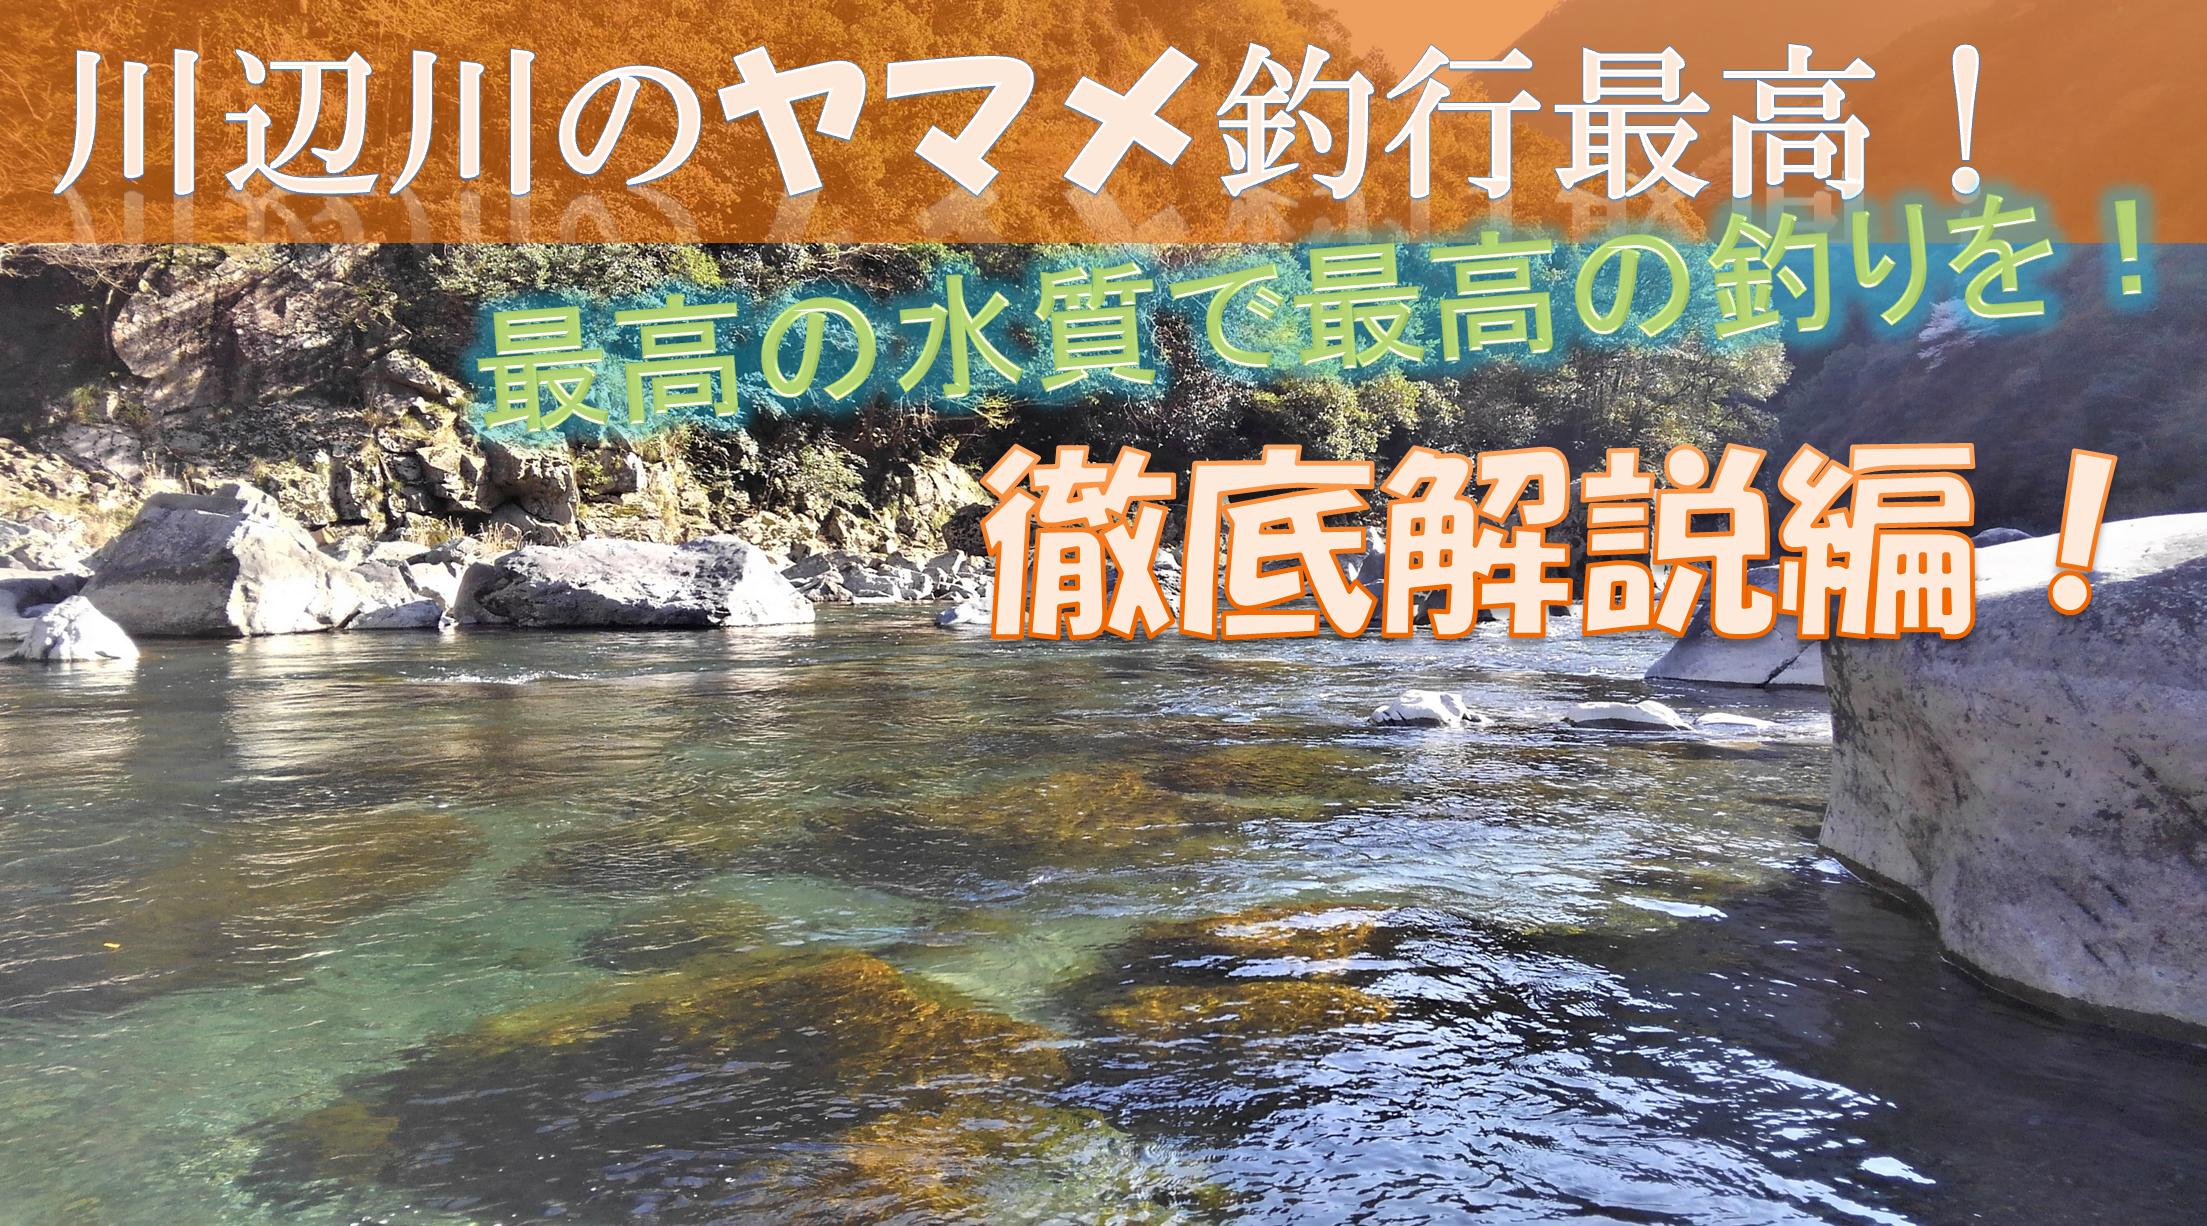 川辺川ヤマメ釣行最高!徹底解説編!